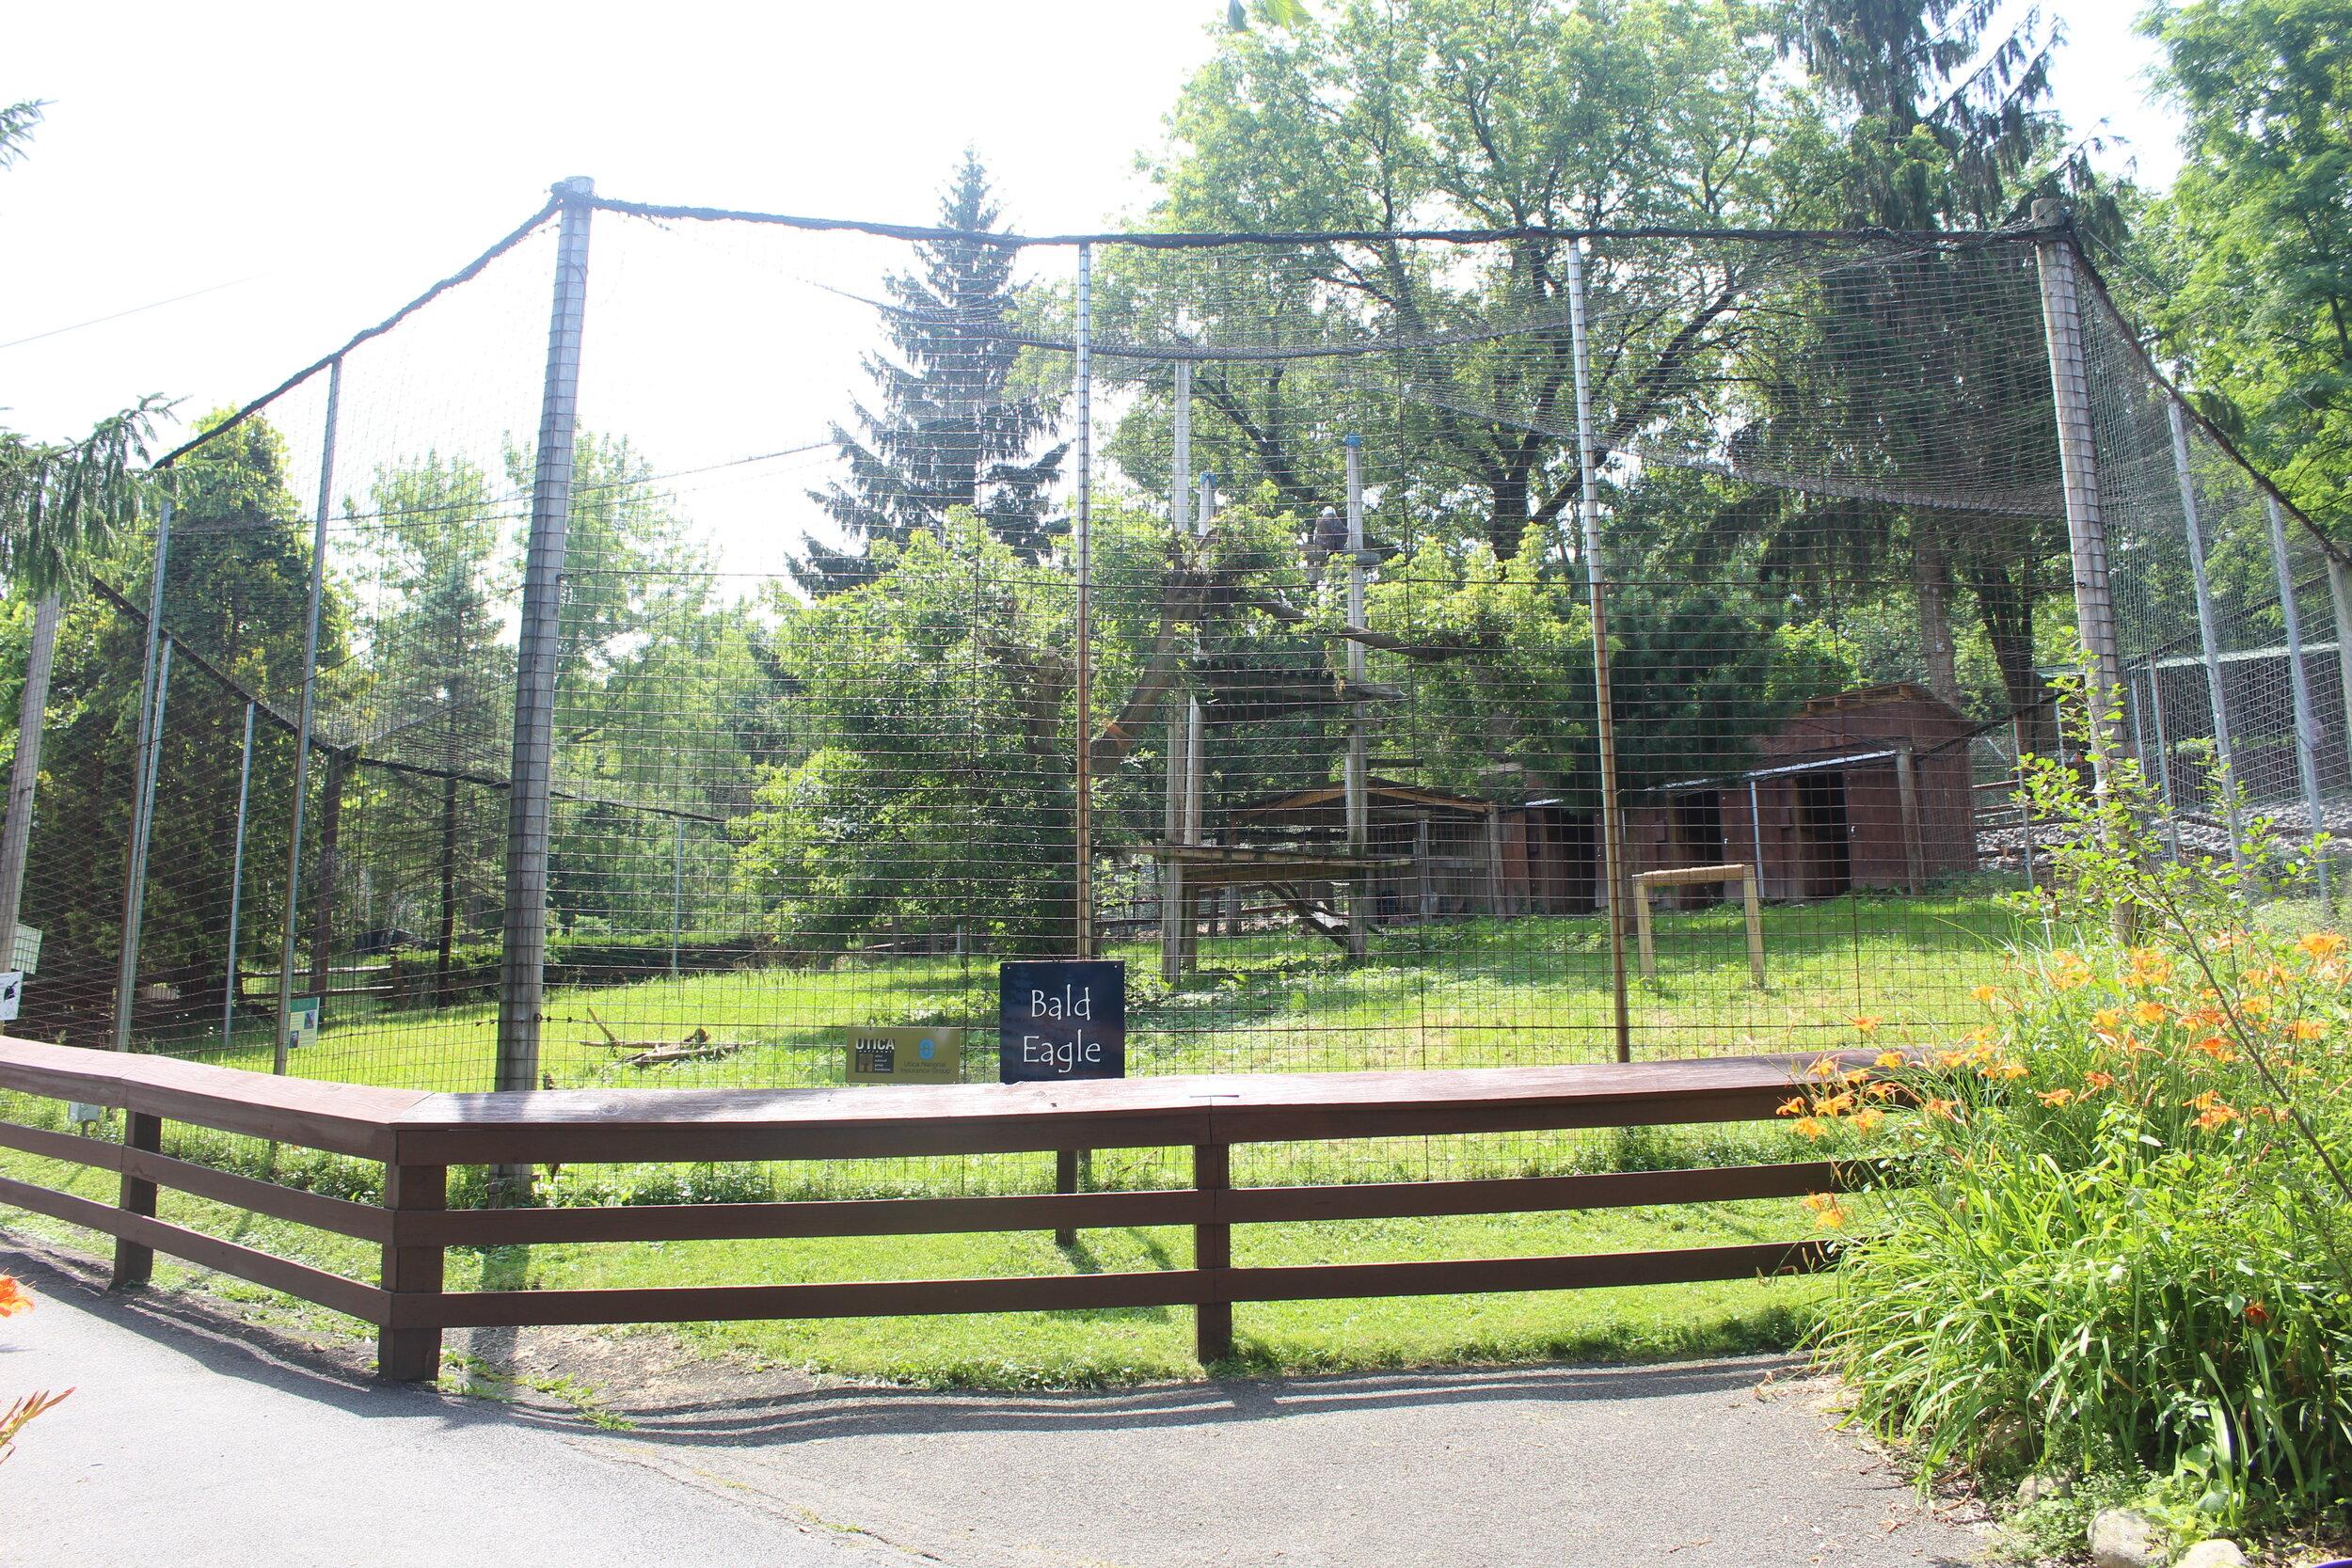 Eagle habitat